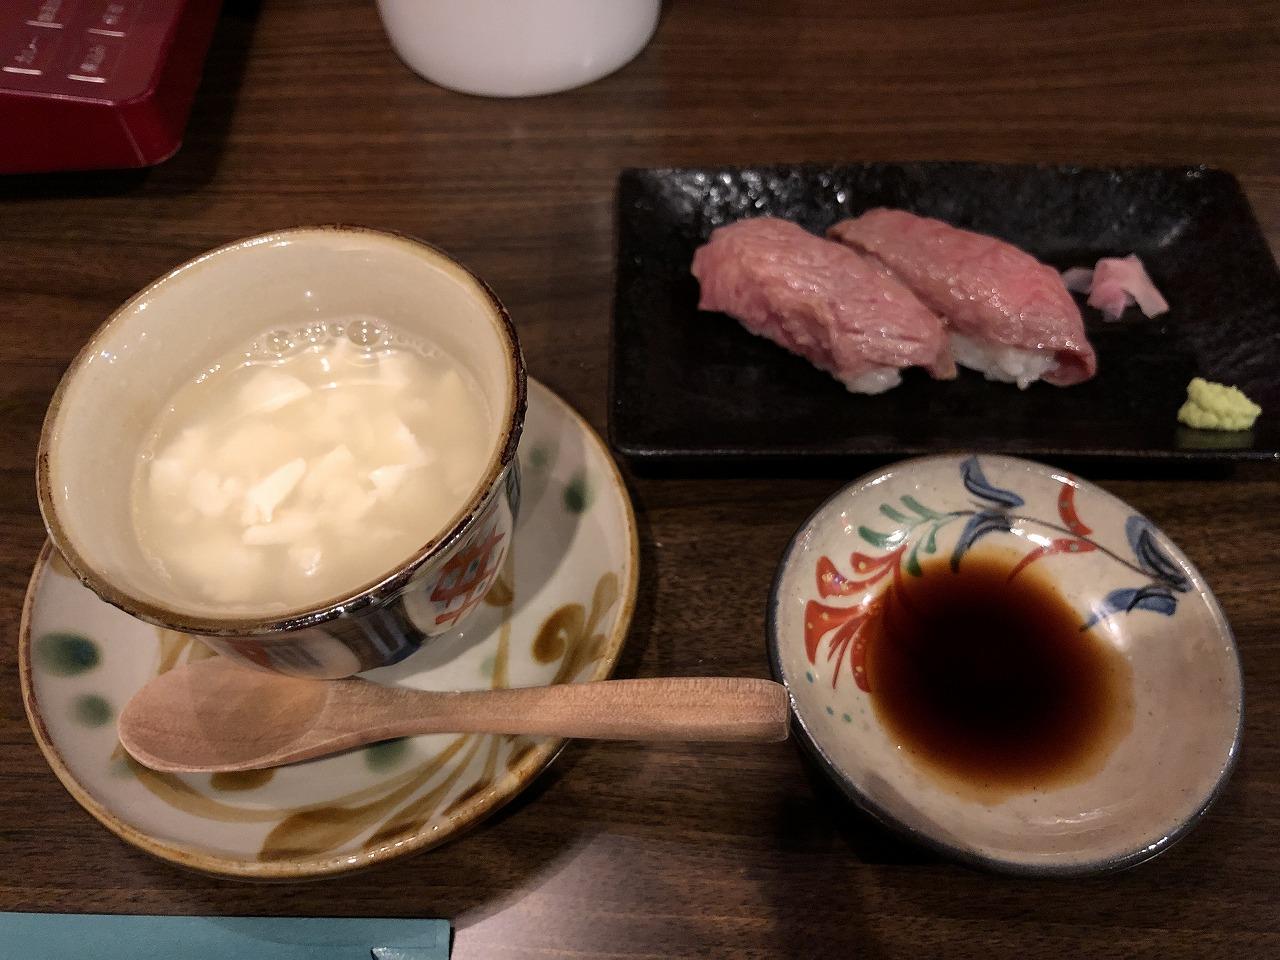 あぐーしゃぶしゃぶの店「かふぅ」のもとぶ牛の炙り寿司とゆし豆腐